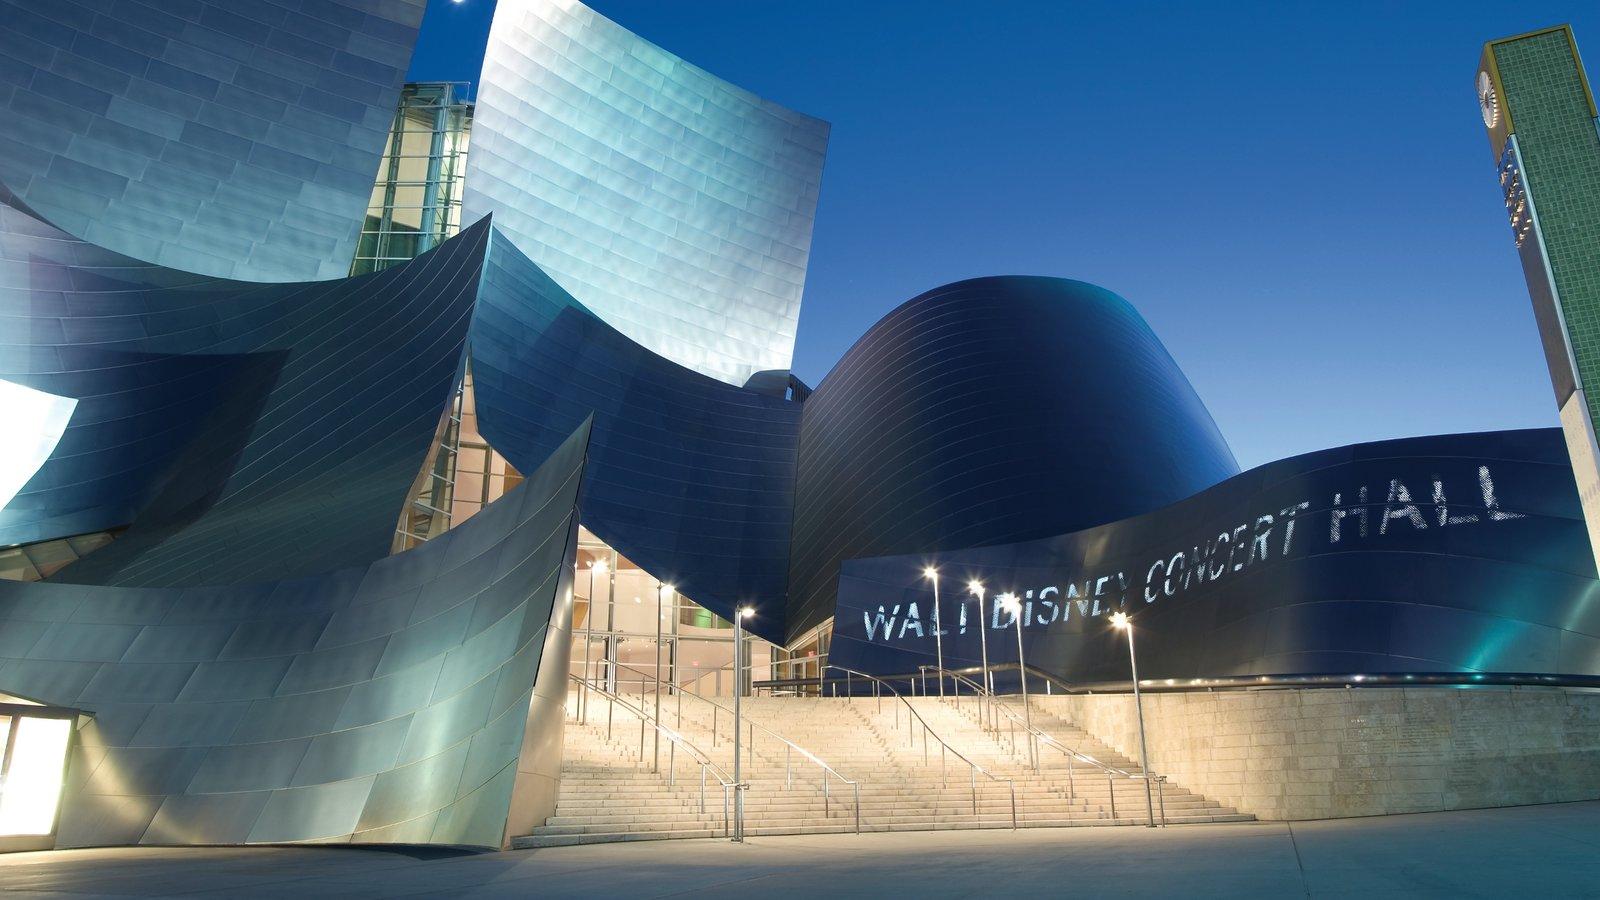 Los Ángeles mostrando arquitectura moderna, una ciudad y dfc